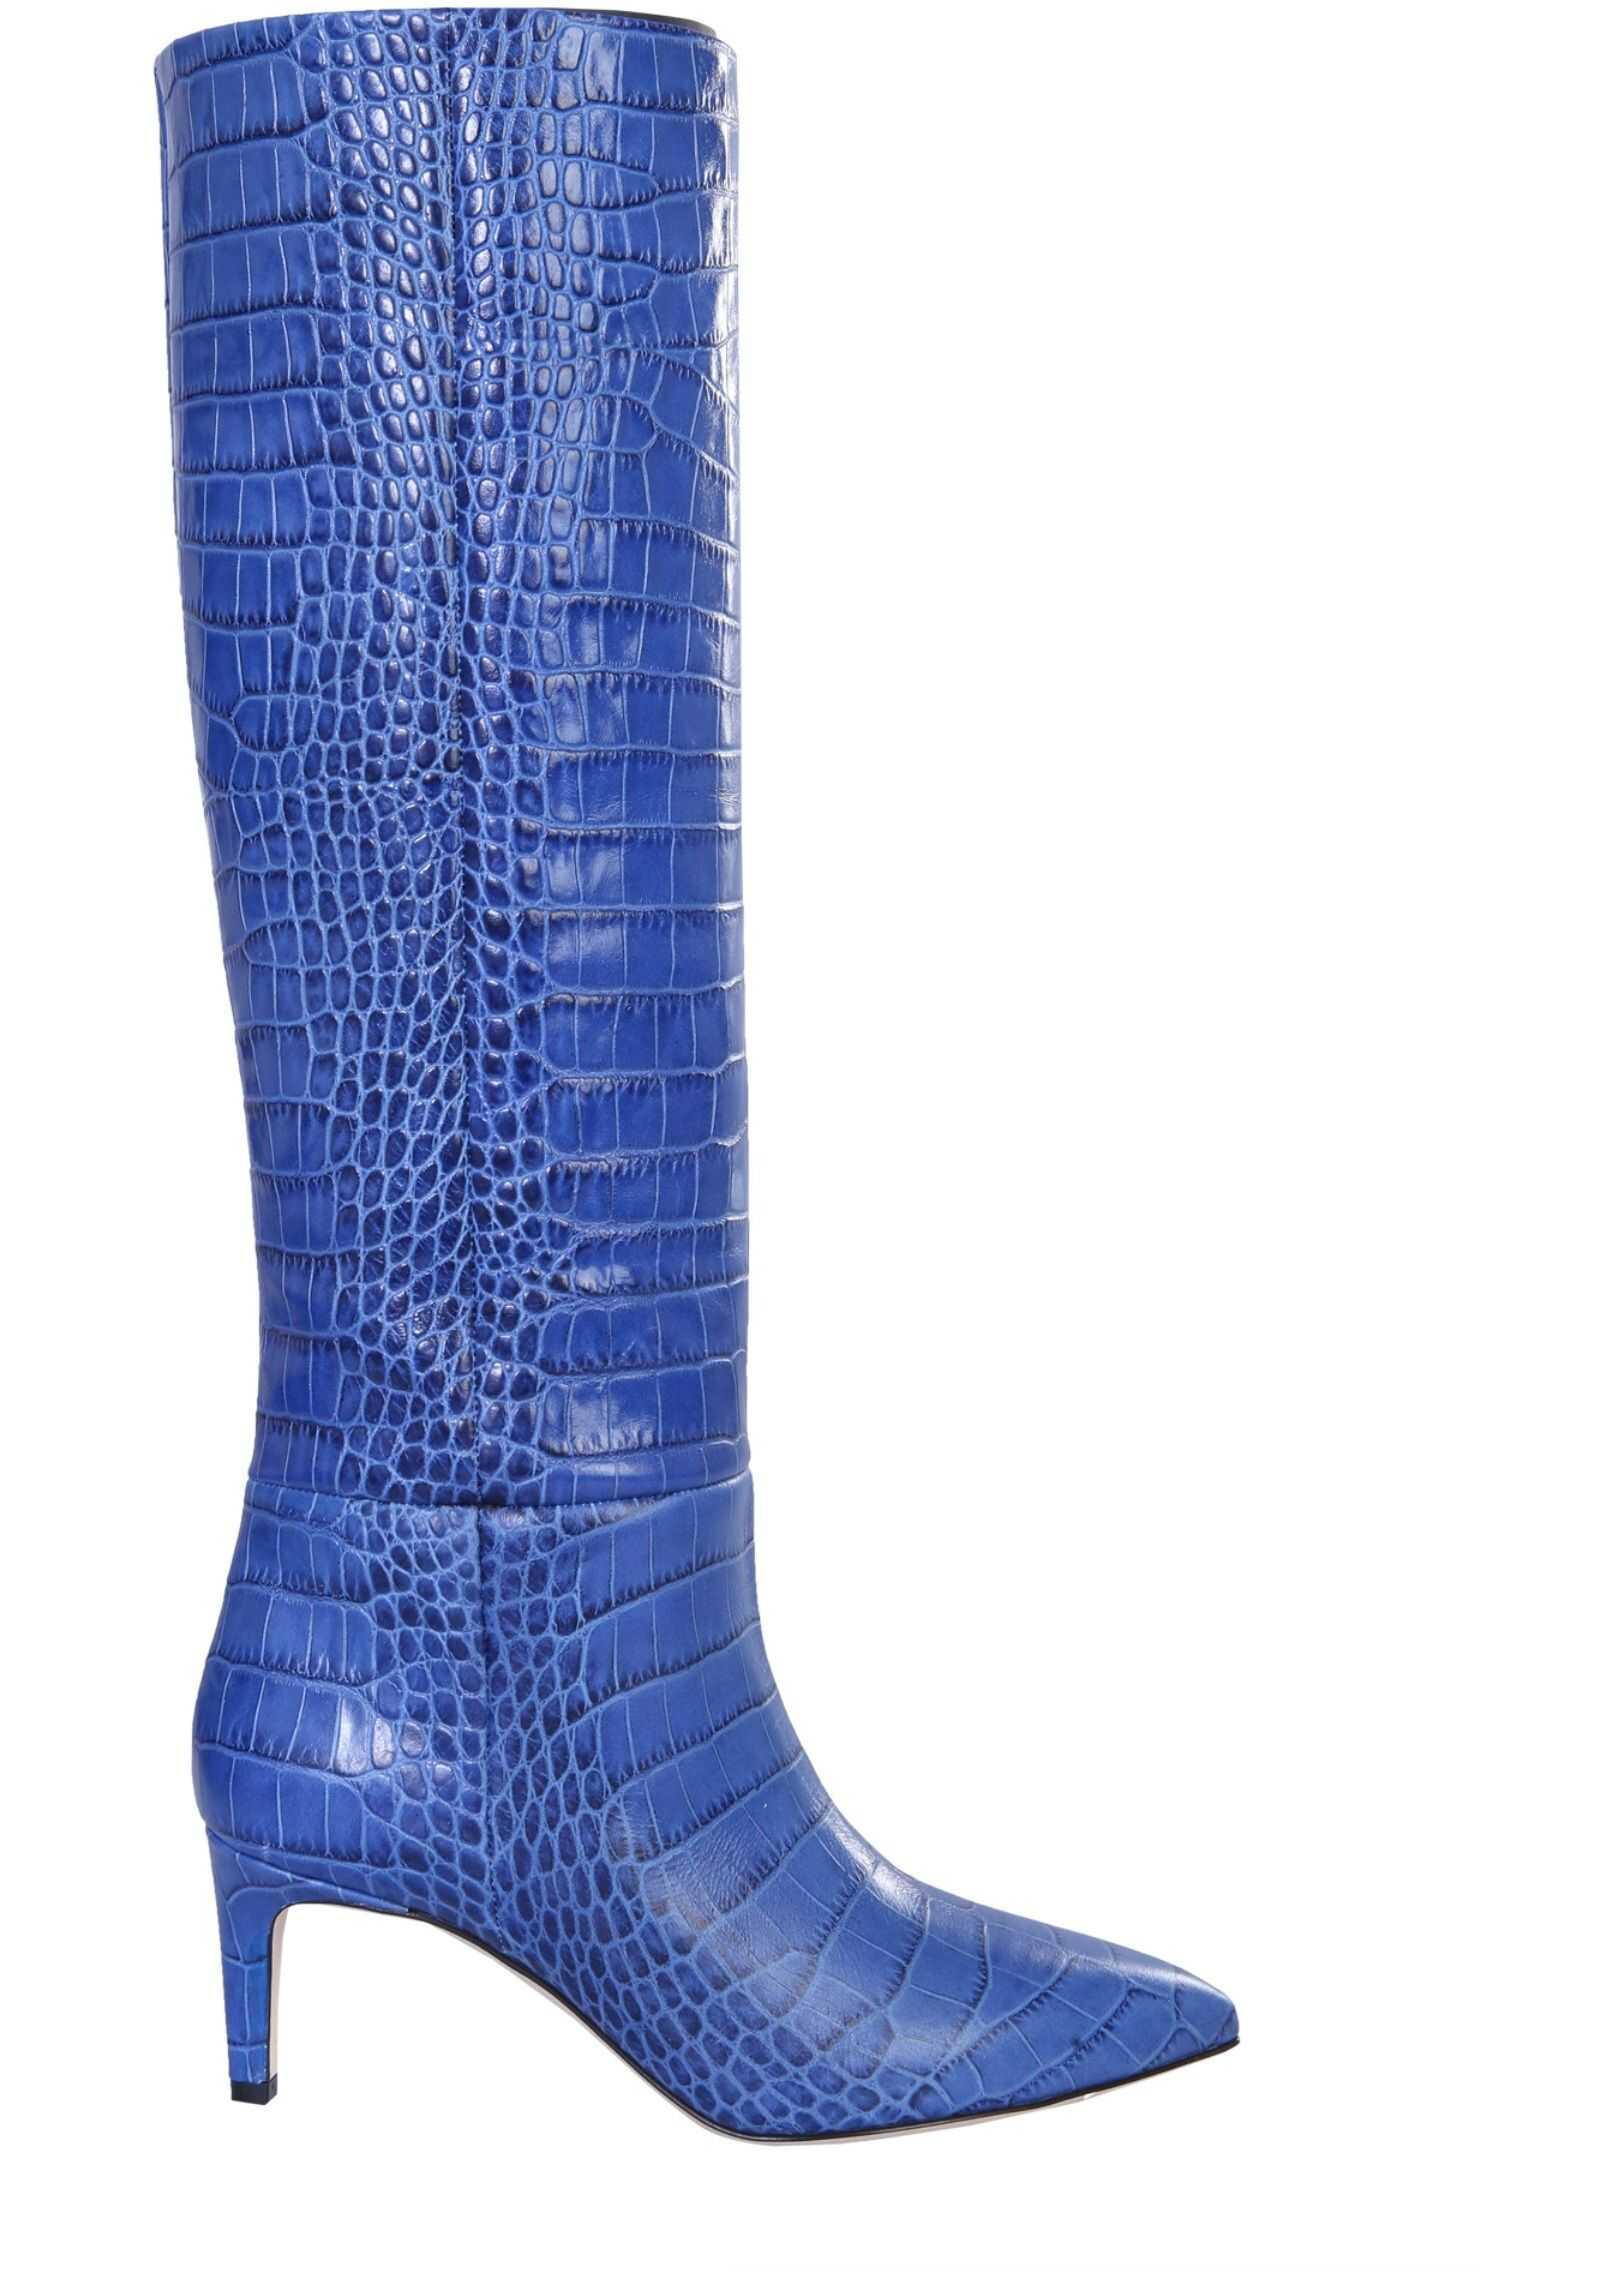 Paris Texas High Boots PX503_XCAG2BLUETTE BLUE imagine b-mall.ro